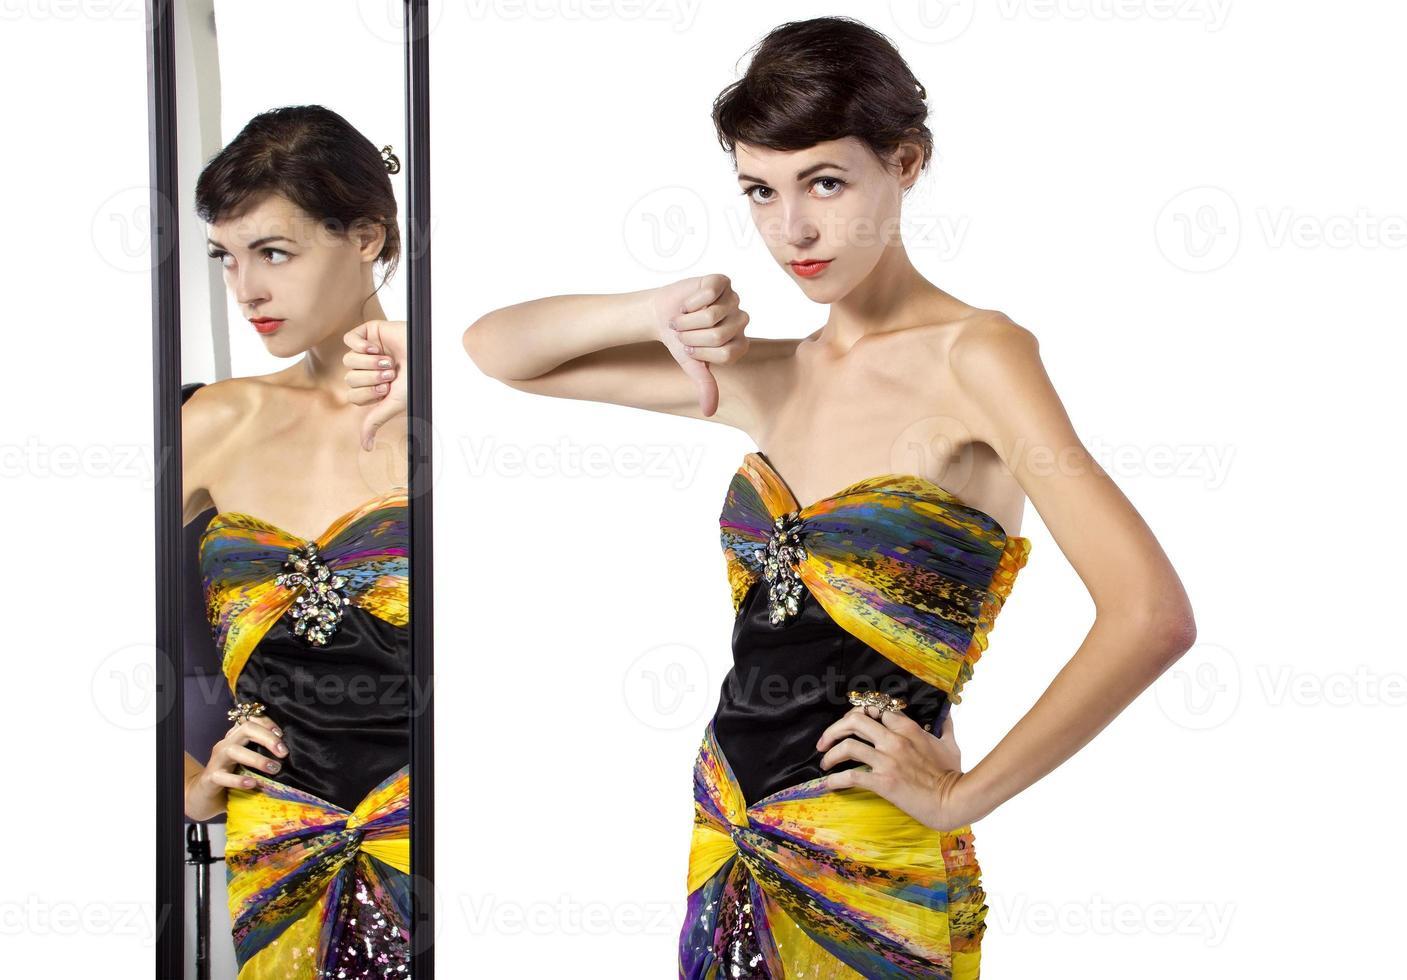 snob moda femminile in uno spogliatoio foto